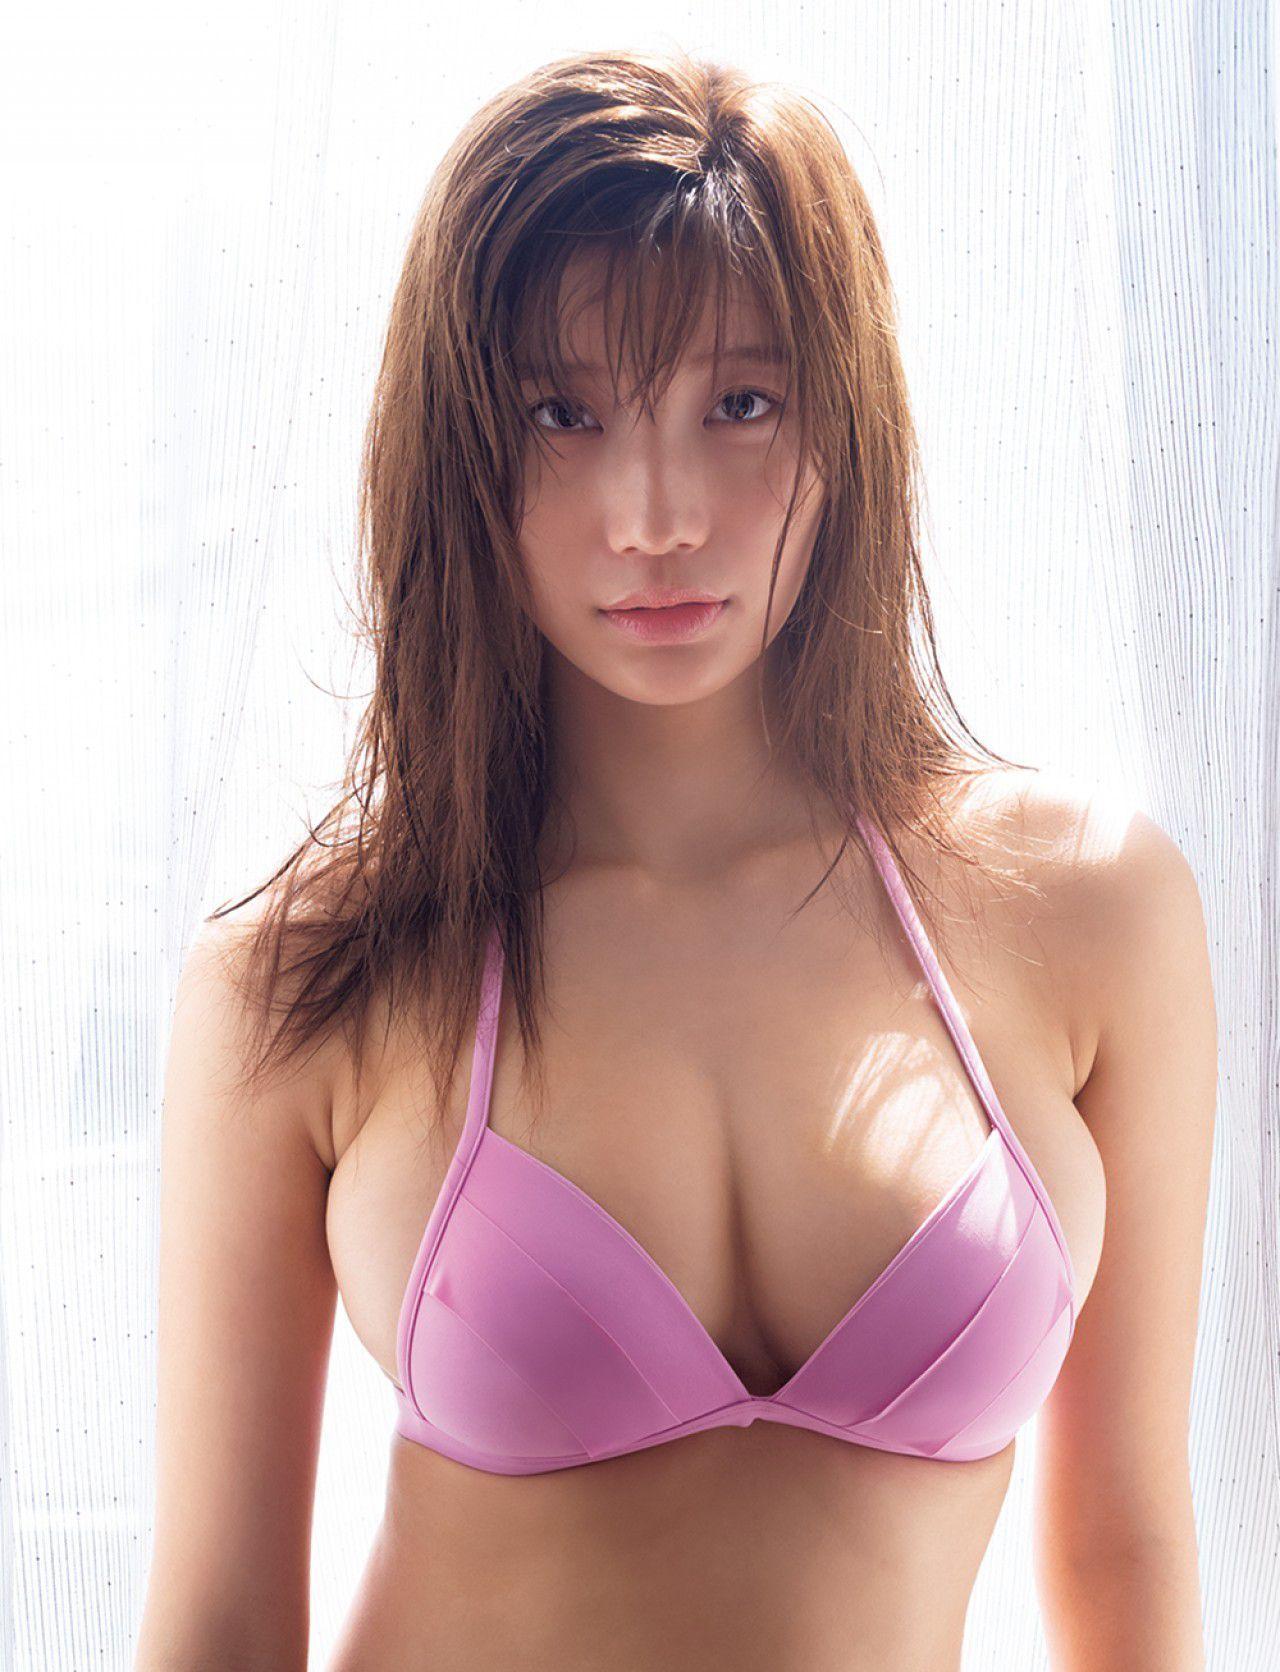 VOL.78 [FRIDAY]大胸日本嫩模:小仓优香(小倉優香)超高清写真套图(13P)